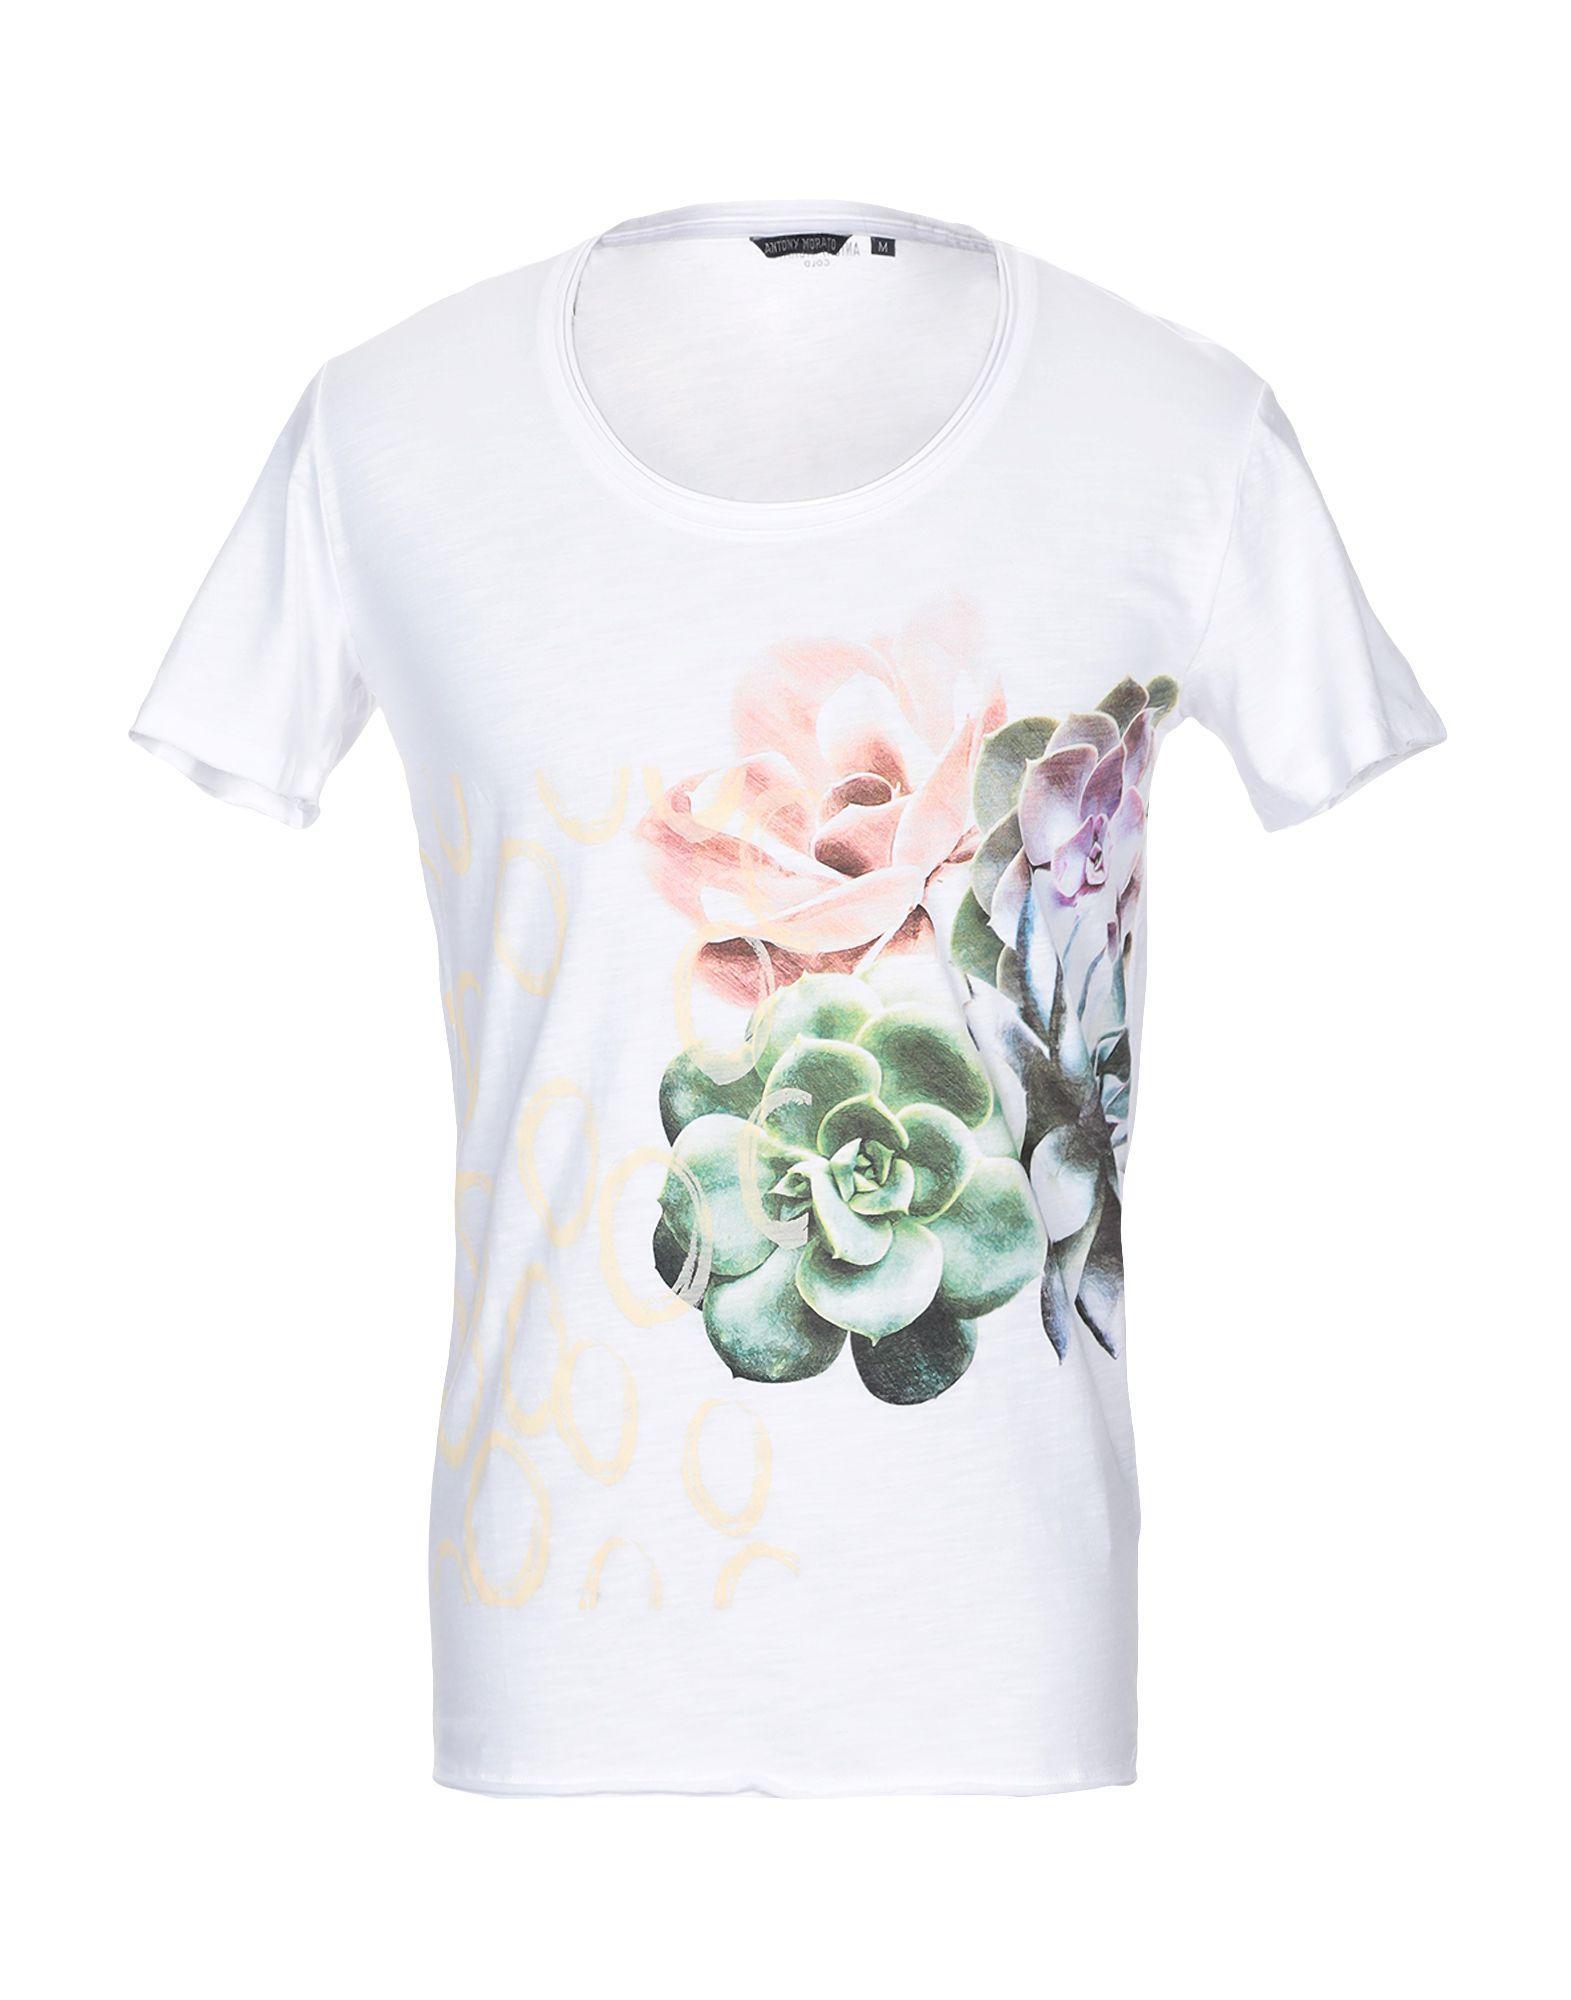 e8860354 Antony Morato T-shirt in White for Men - Lyst